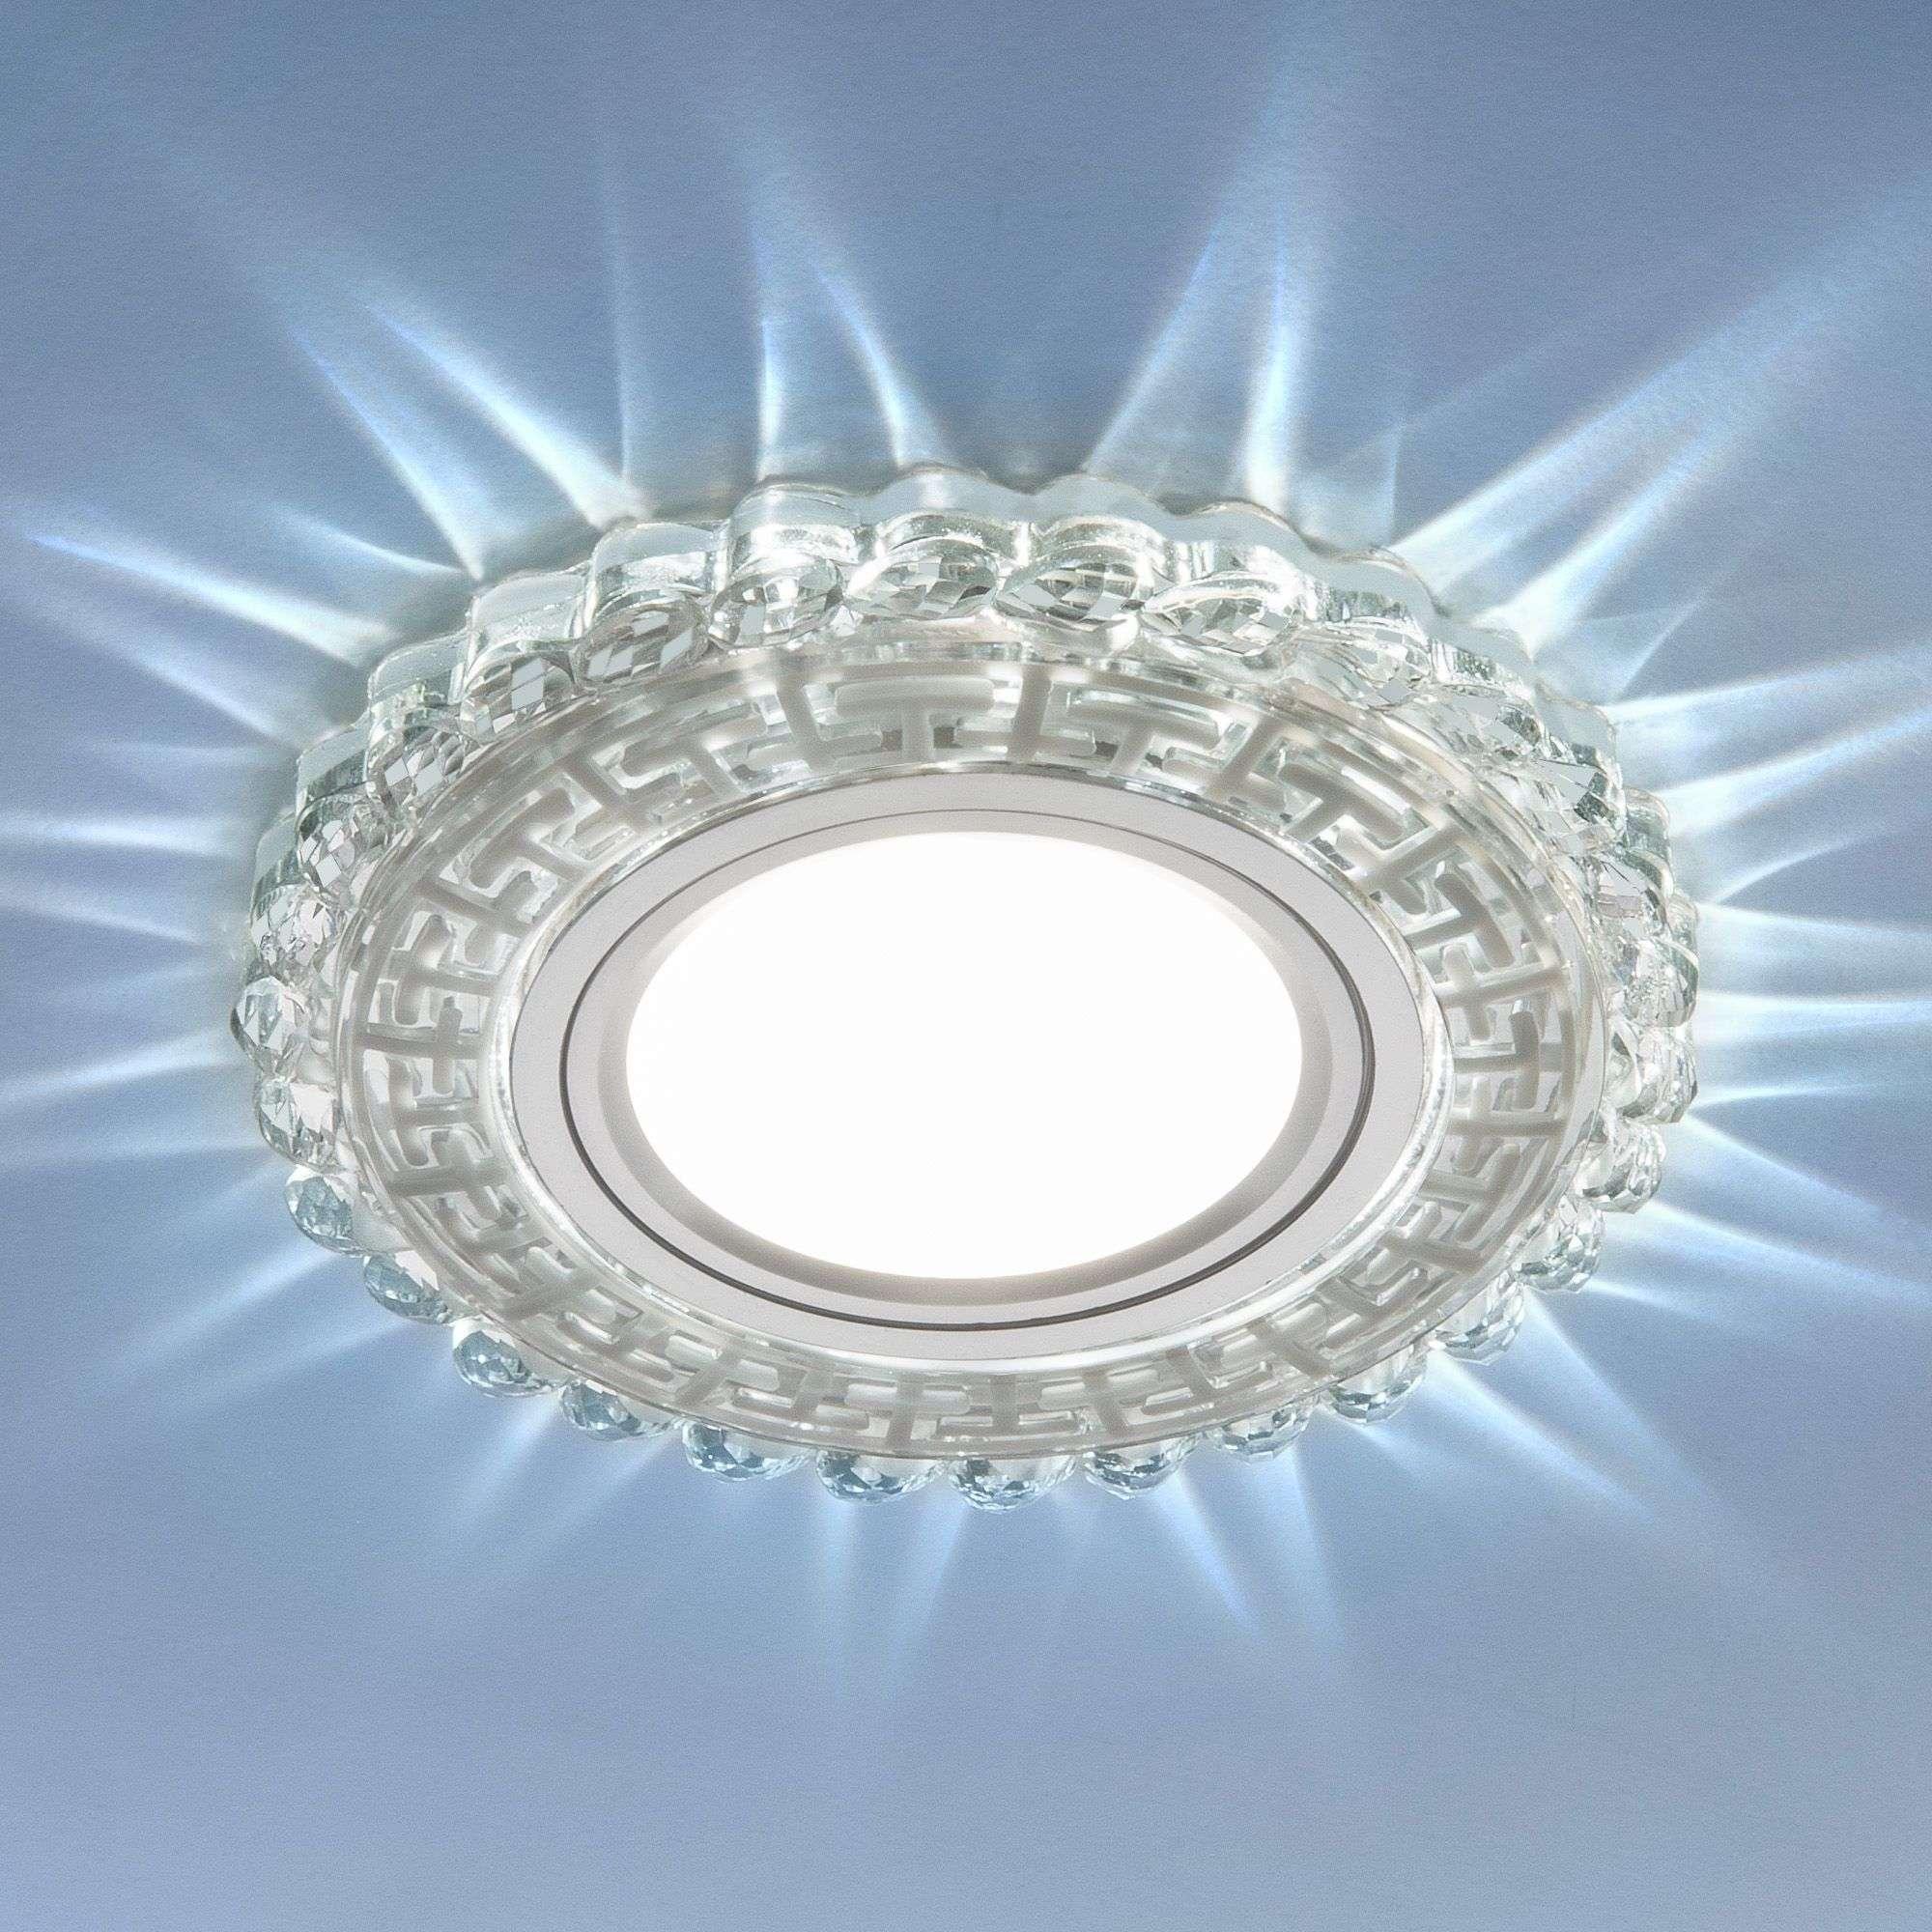 Встраиваемый потолочный светильник с LED подсветкой 2217 MR16